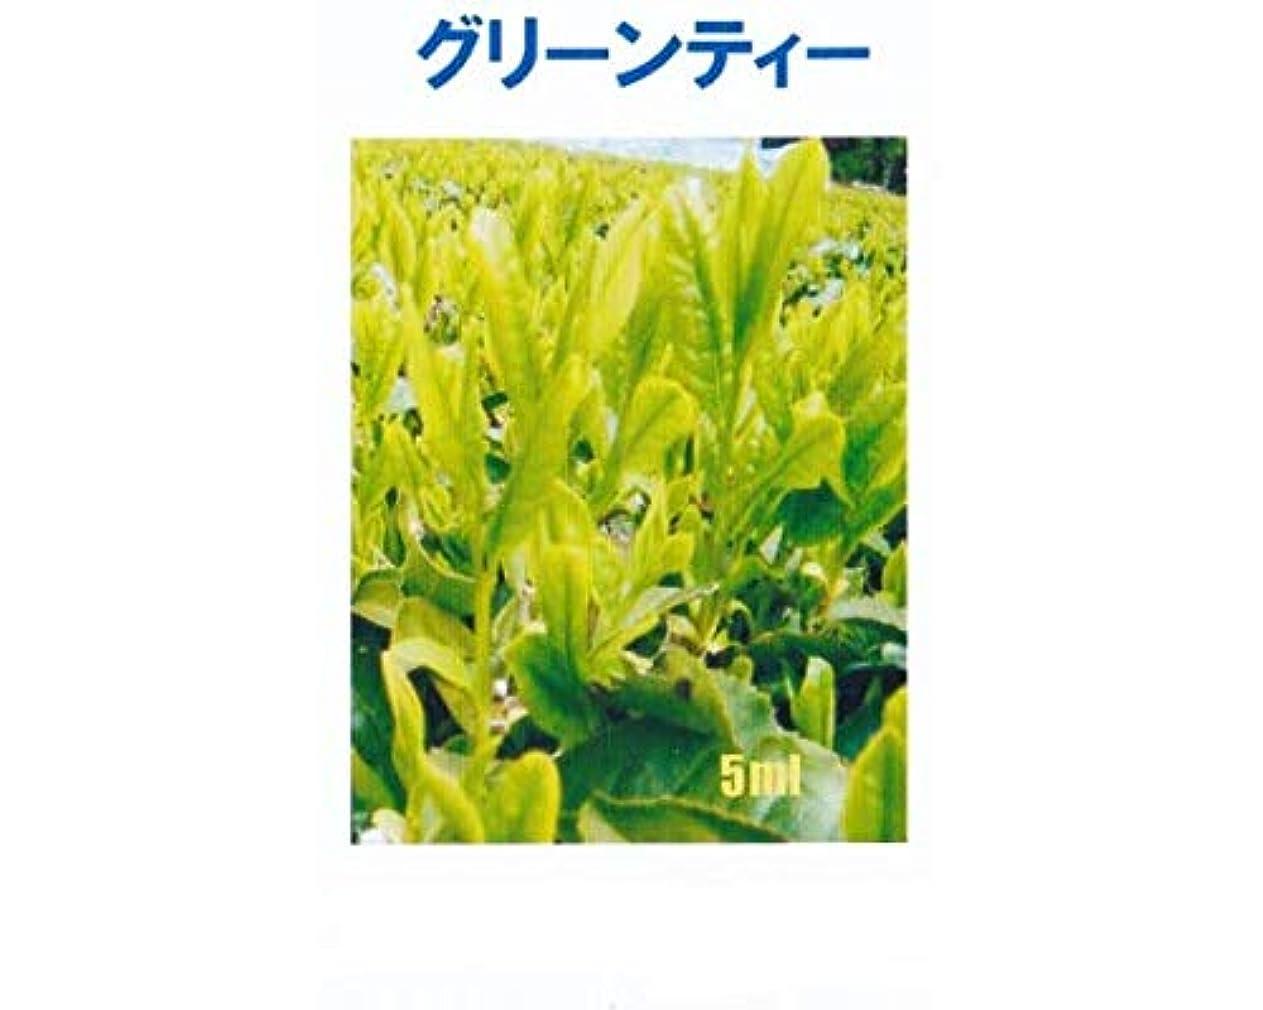 余分な純粋なチャンピオンアロマオイル グリーンティー 5ml エッセンシャルオイル 100%天然成分